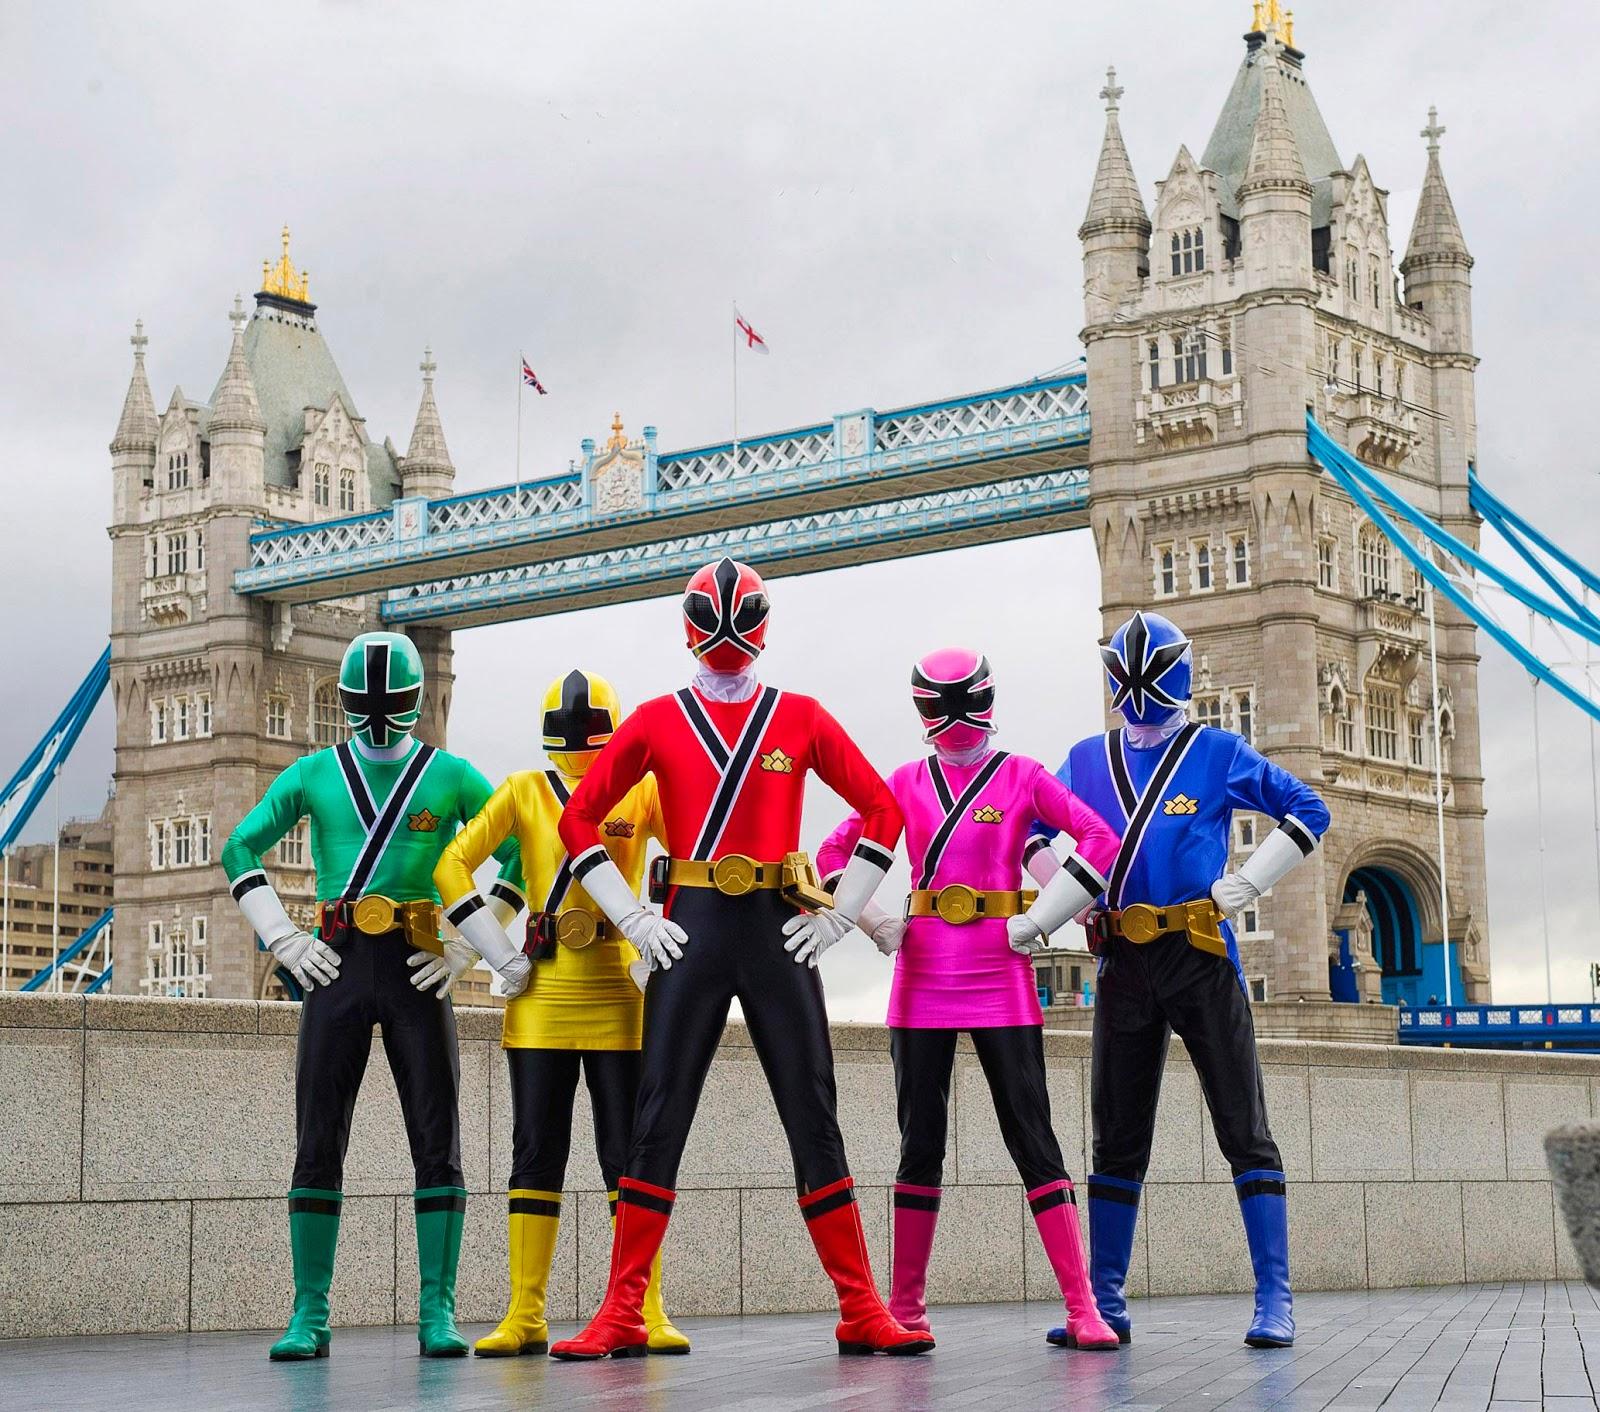 Power Rangers Celebrate In London